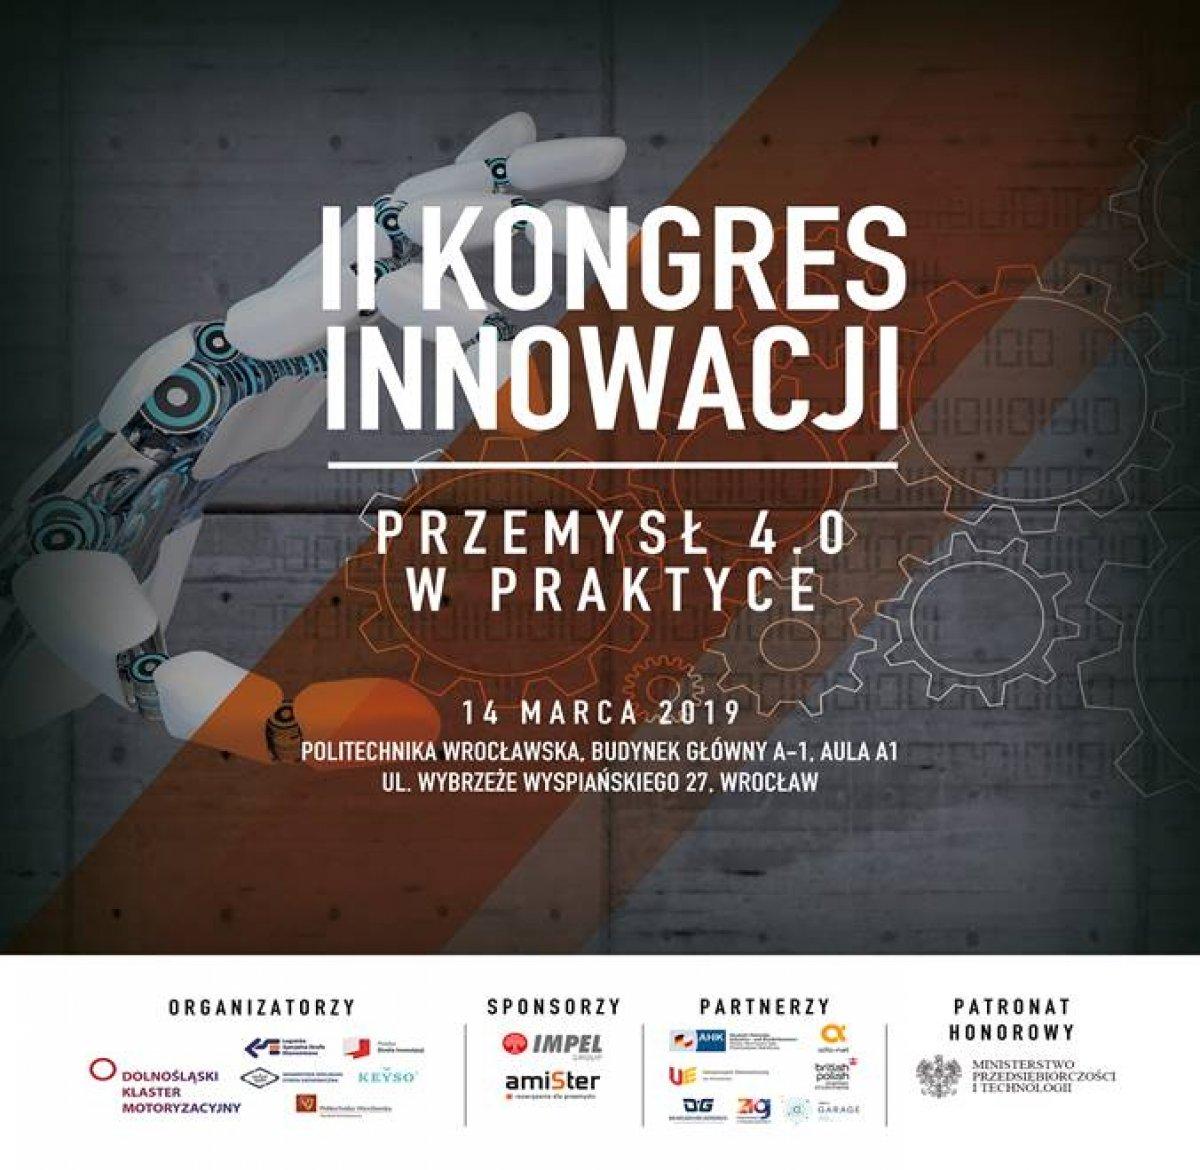 II Kongres Innowacji Przemysł 4.0 w Praktyce już 14 marca 2019, Politechnika Wrocławska